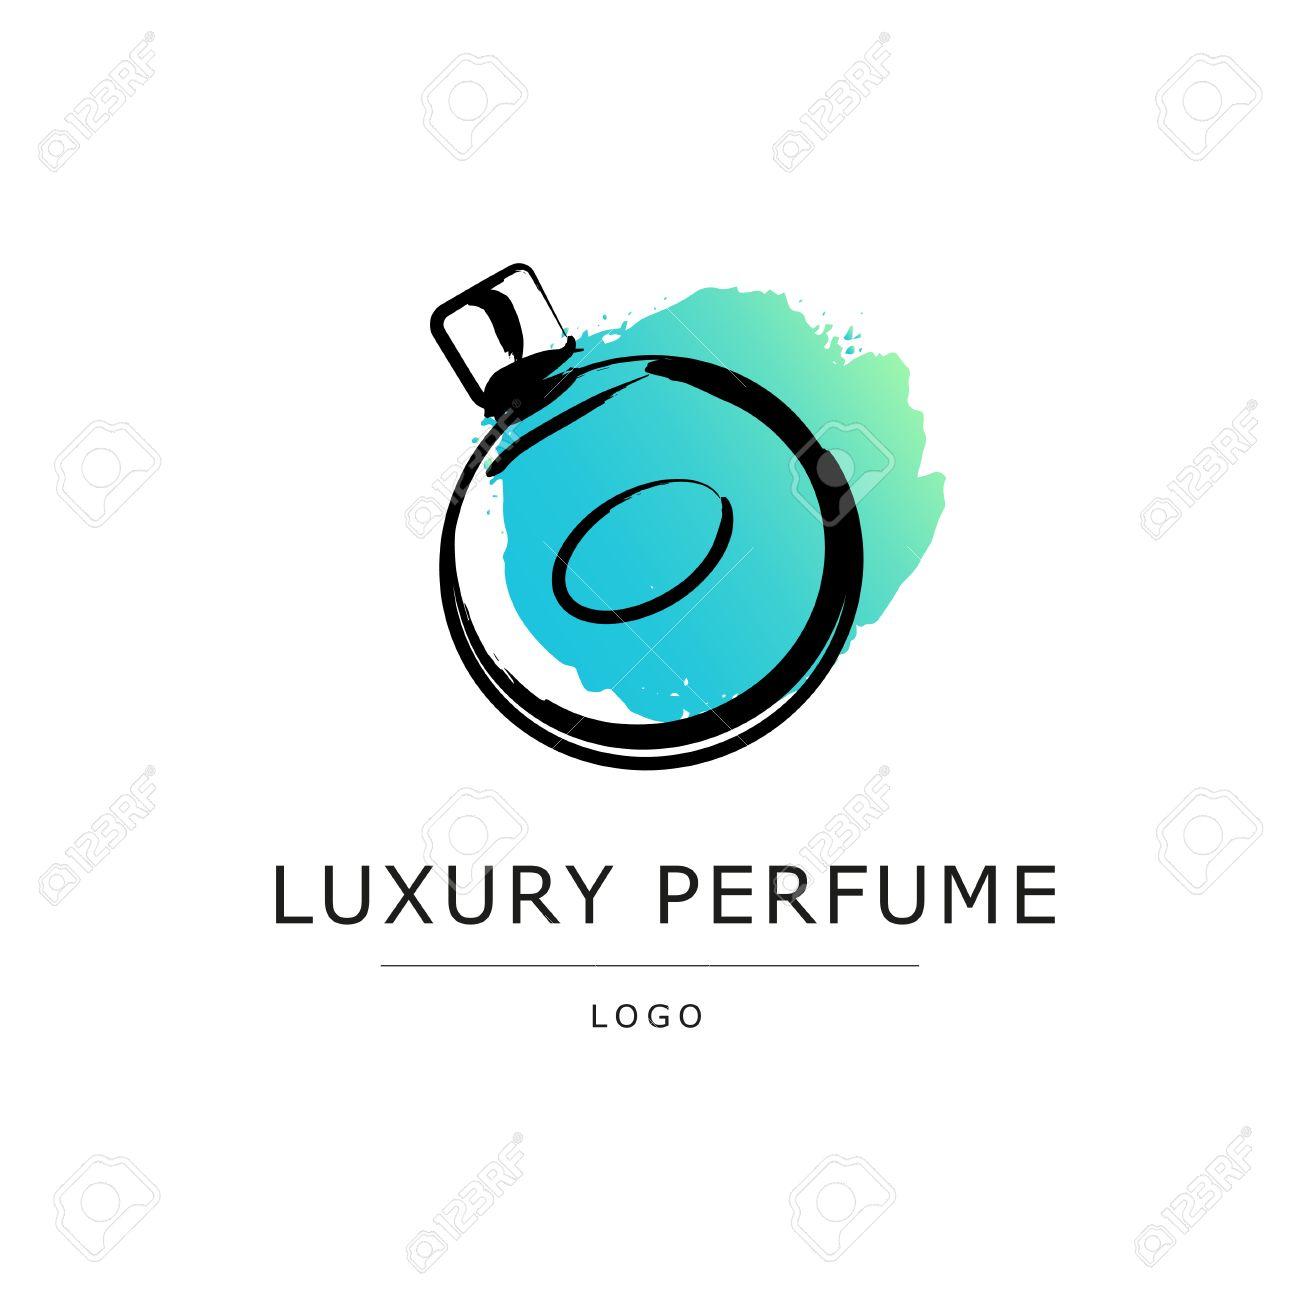 Vecteur Artistique Logo Parfum Croquis Isol Sur Fond Blanc Lencre Tire Art Gradient Goutte De Peinture Conception Modle Tache Pour Carte Visite